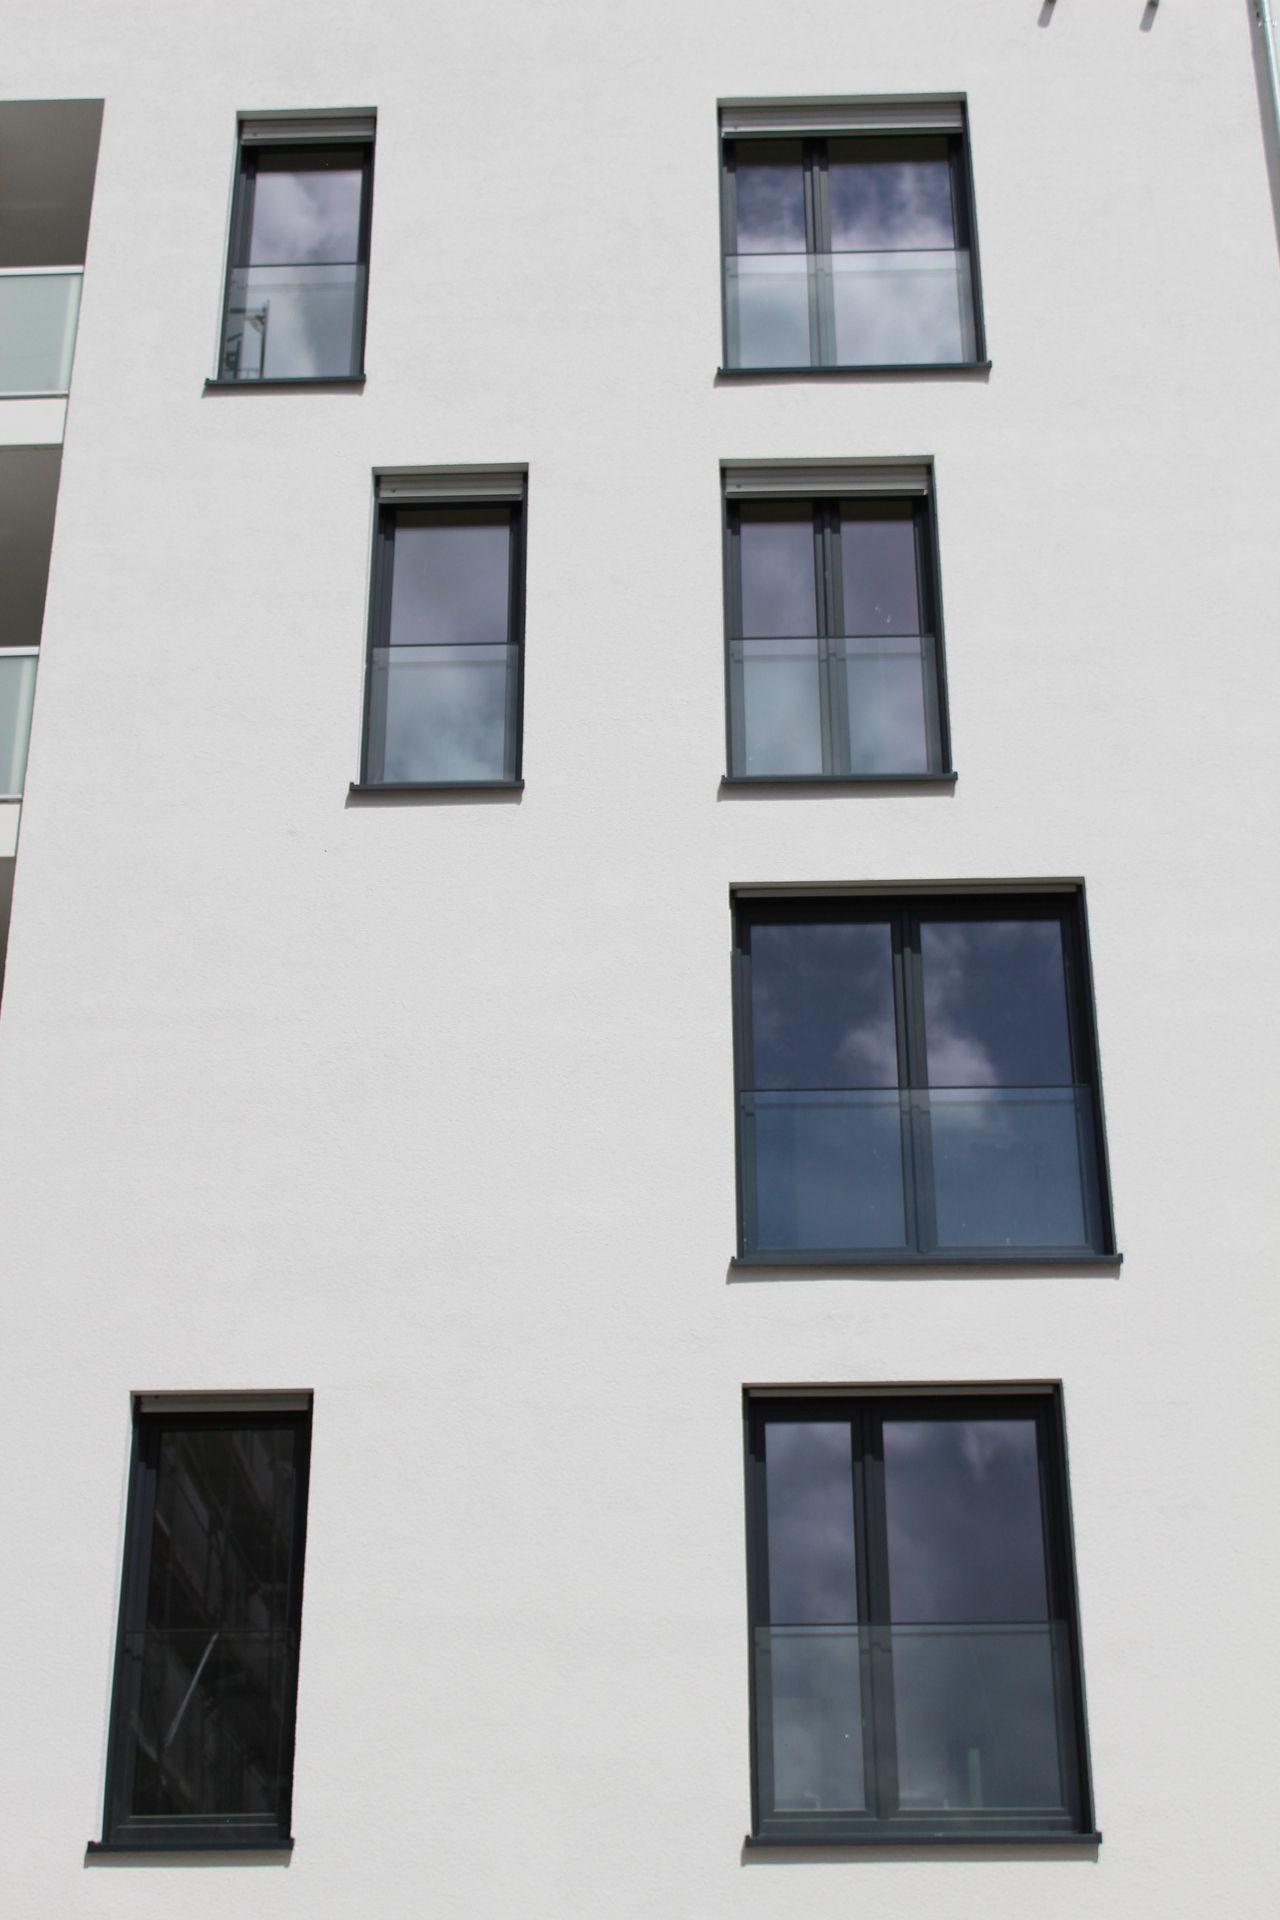 Full Size of Fenster Bodentief Bodentiefe Einbauen Kosten Machen Abdichten Neubau Detail Kaufen Anthrazit Video Umbauen Einbau Dwg Vor Estrich Geteilt Integrierte Fenster Fenster Bodentief